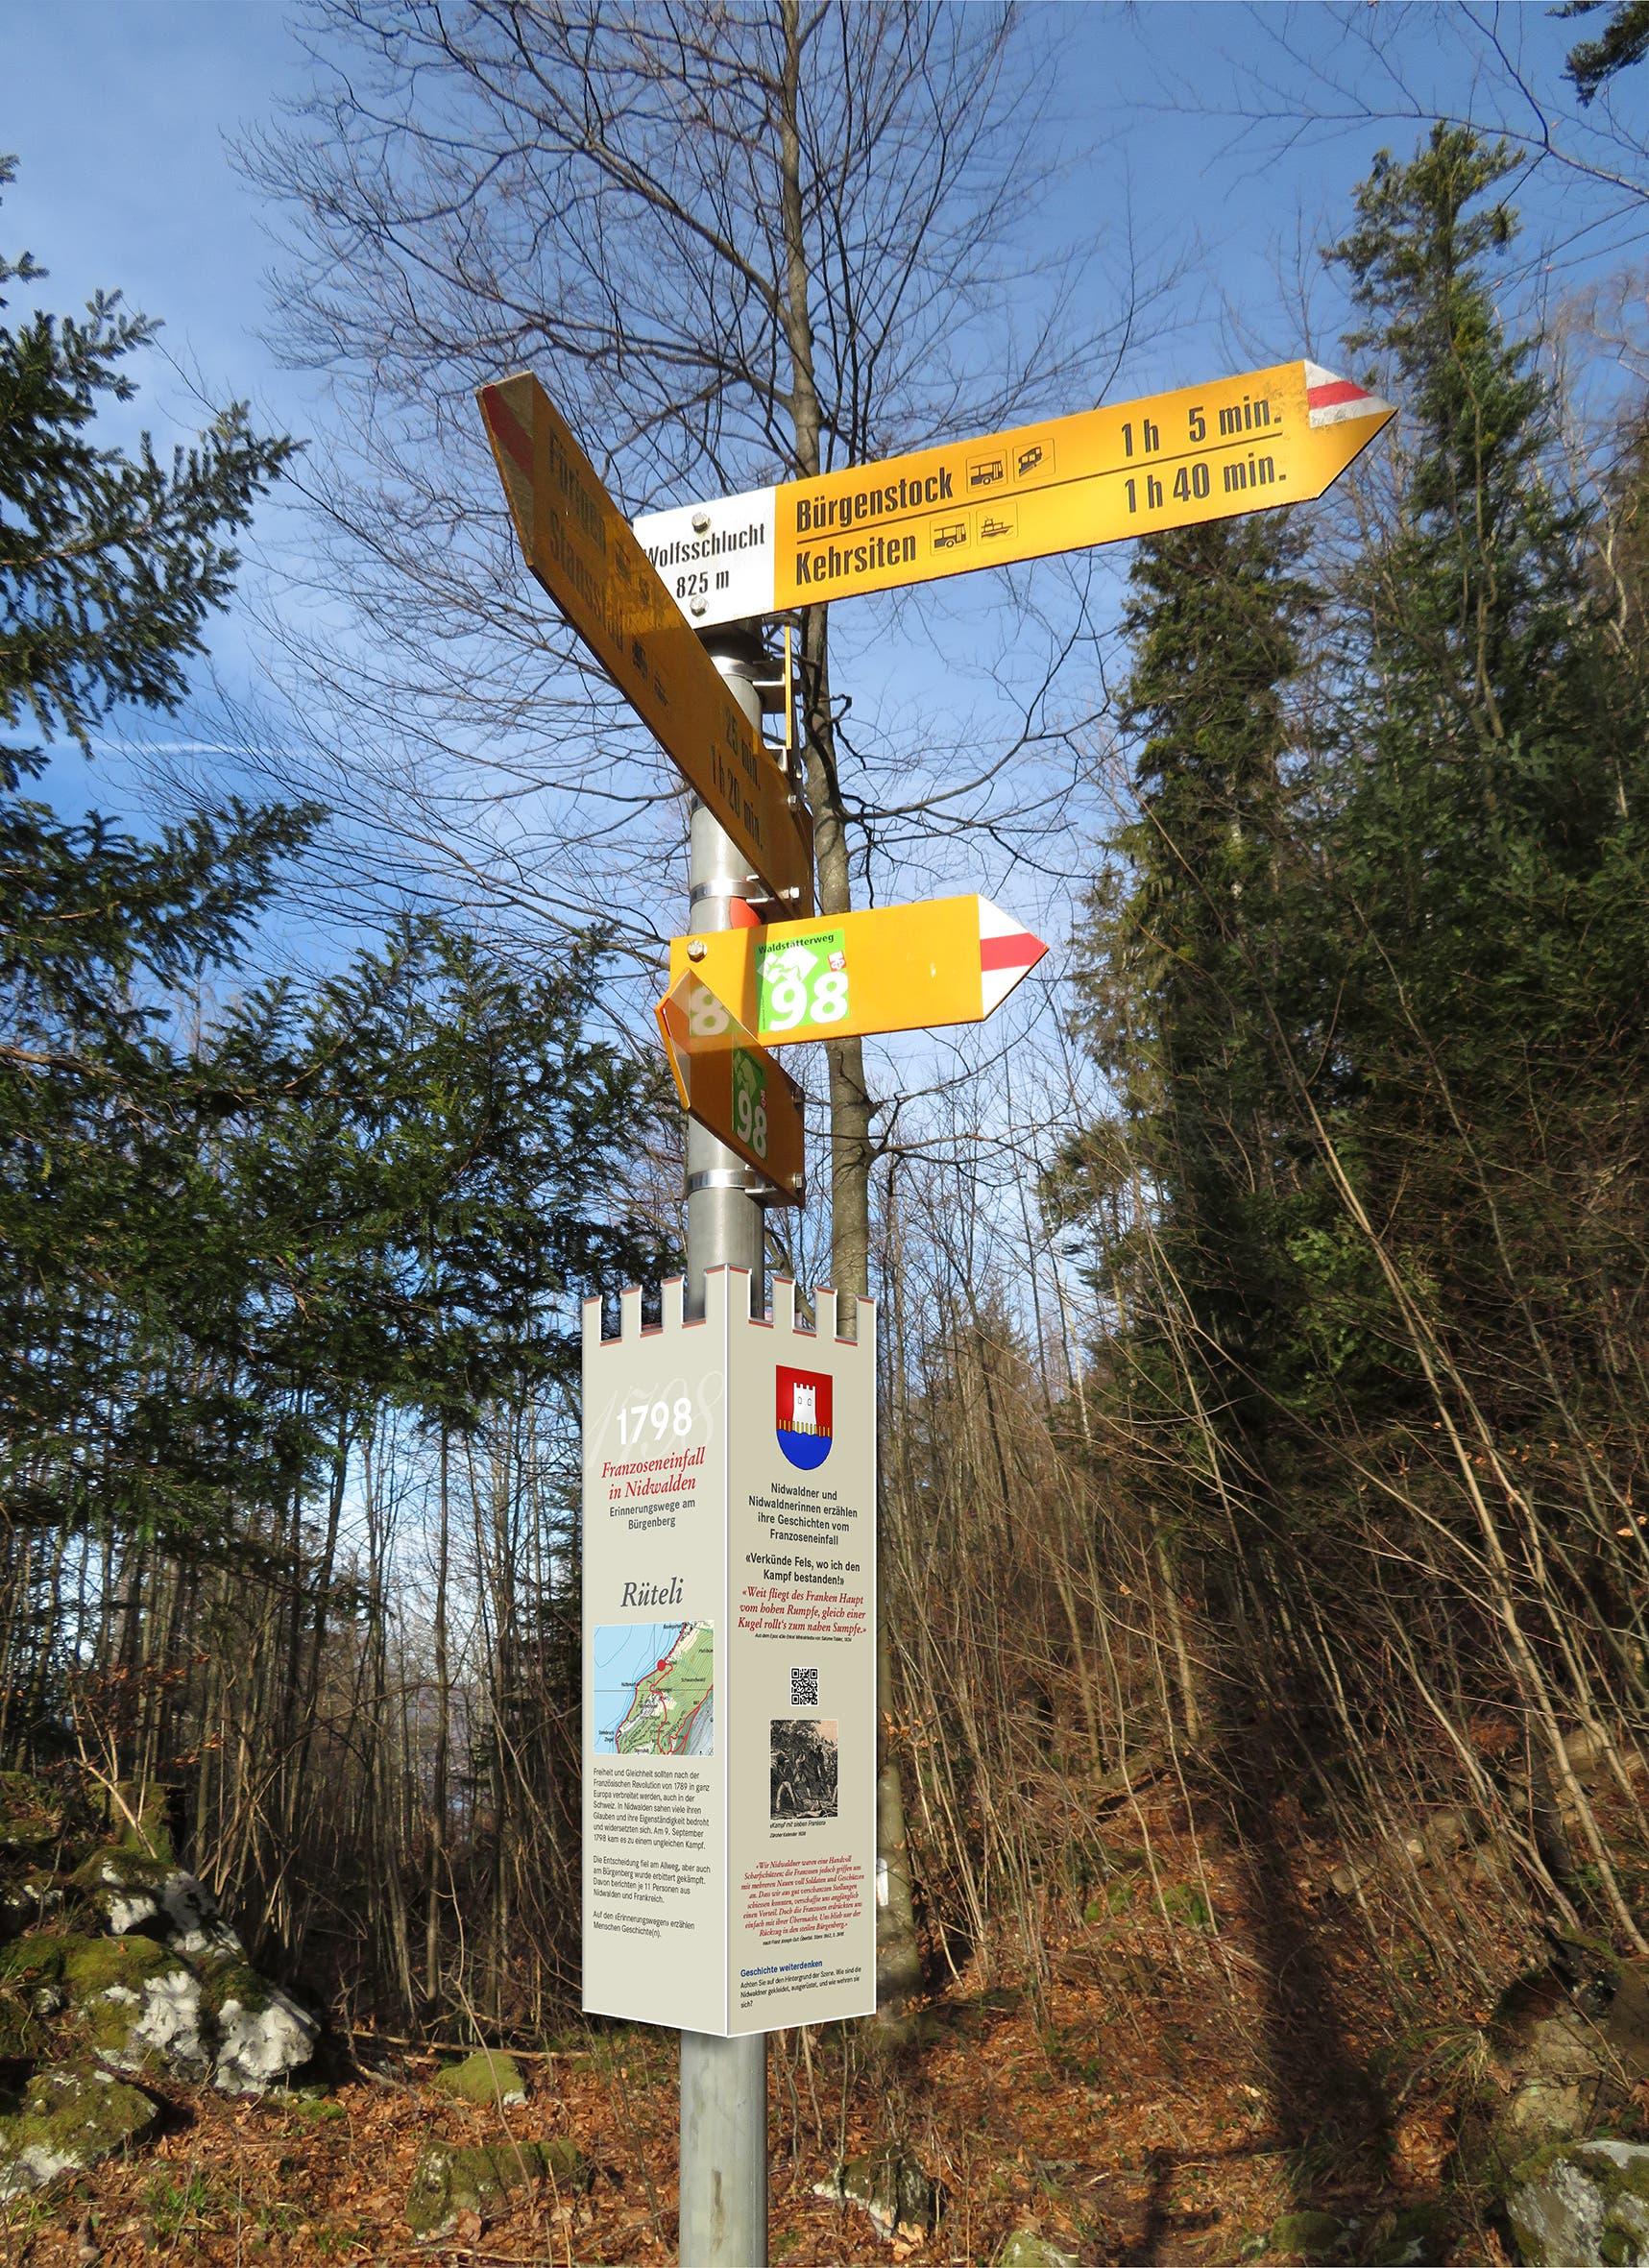 Visualisierung einer Wegmarke an einem Wanderwegweiser auf dem Erinnerungsweg am Bürgenberg.